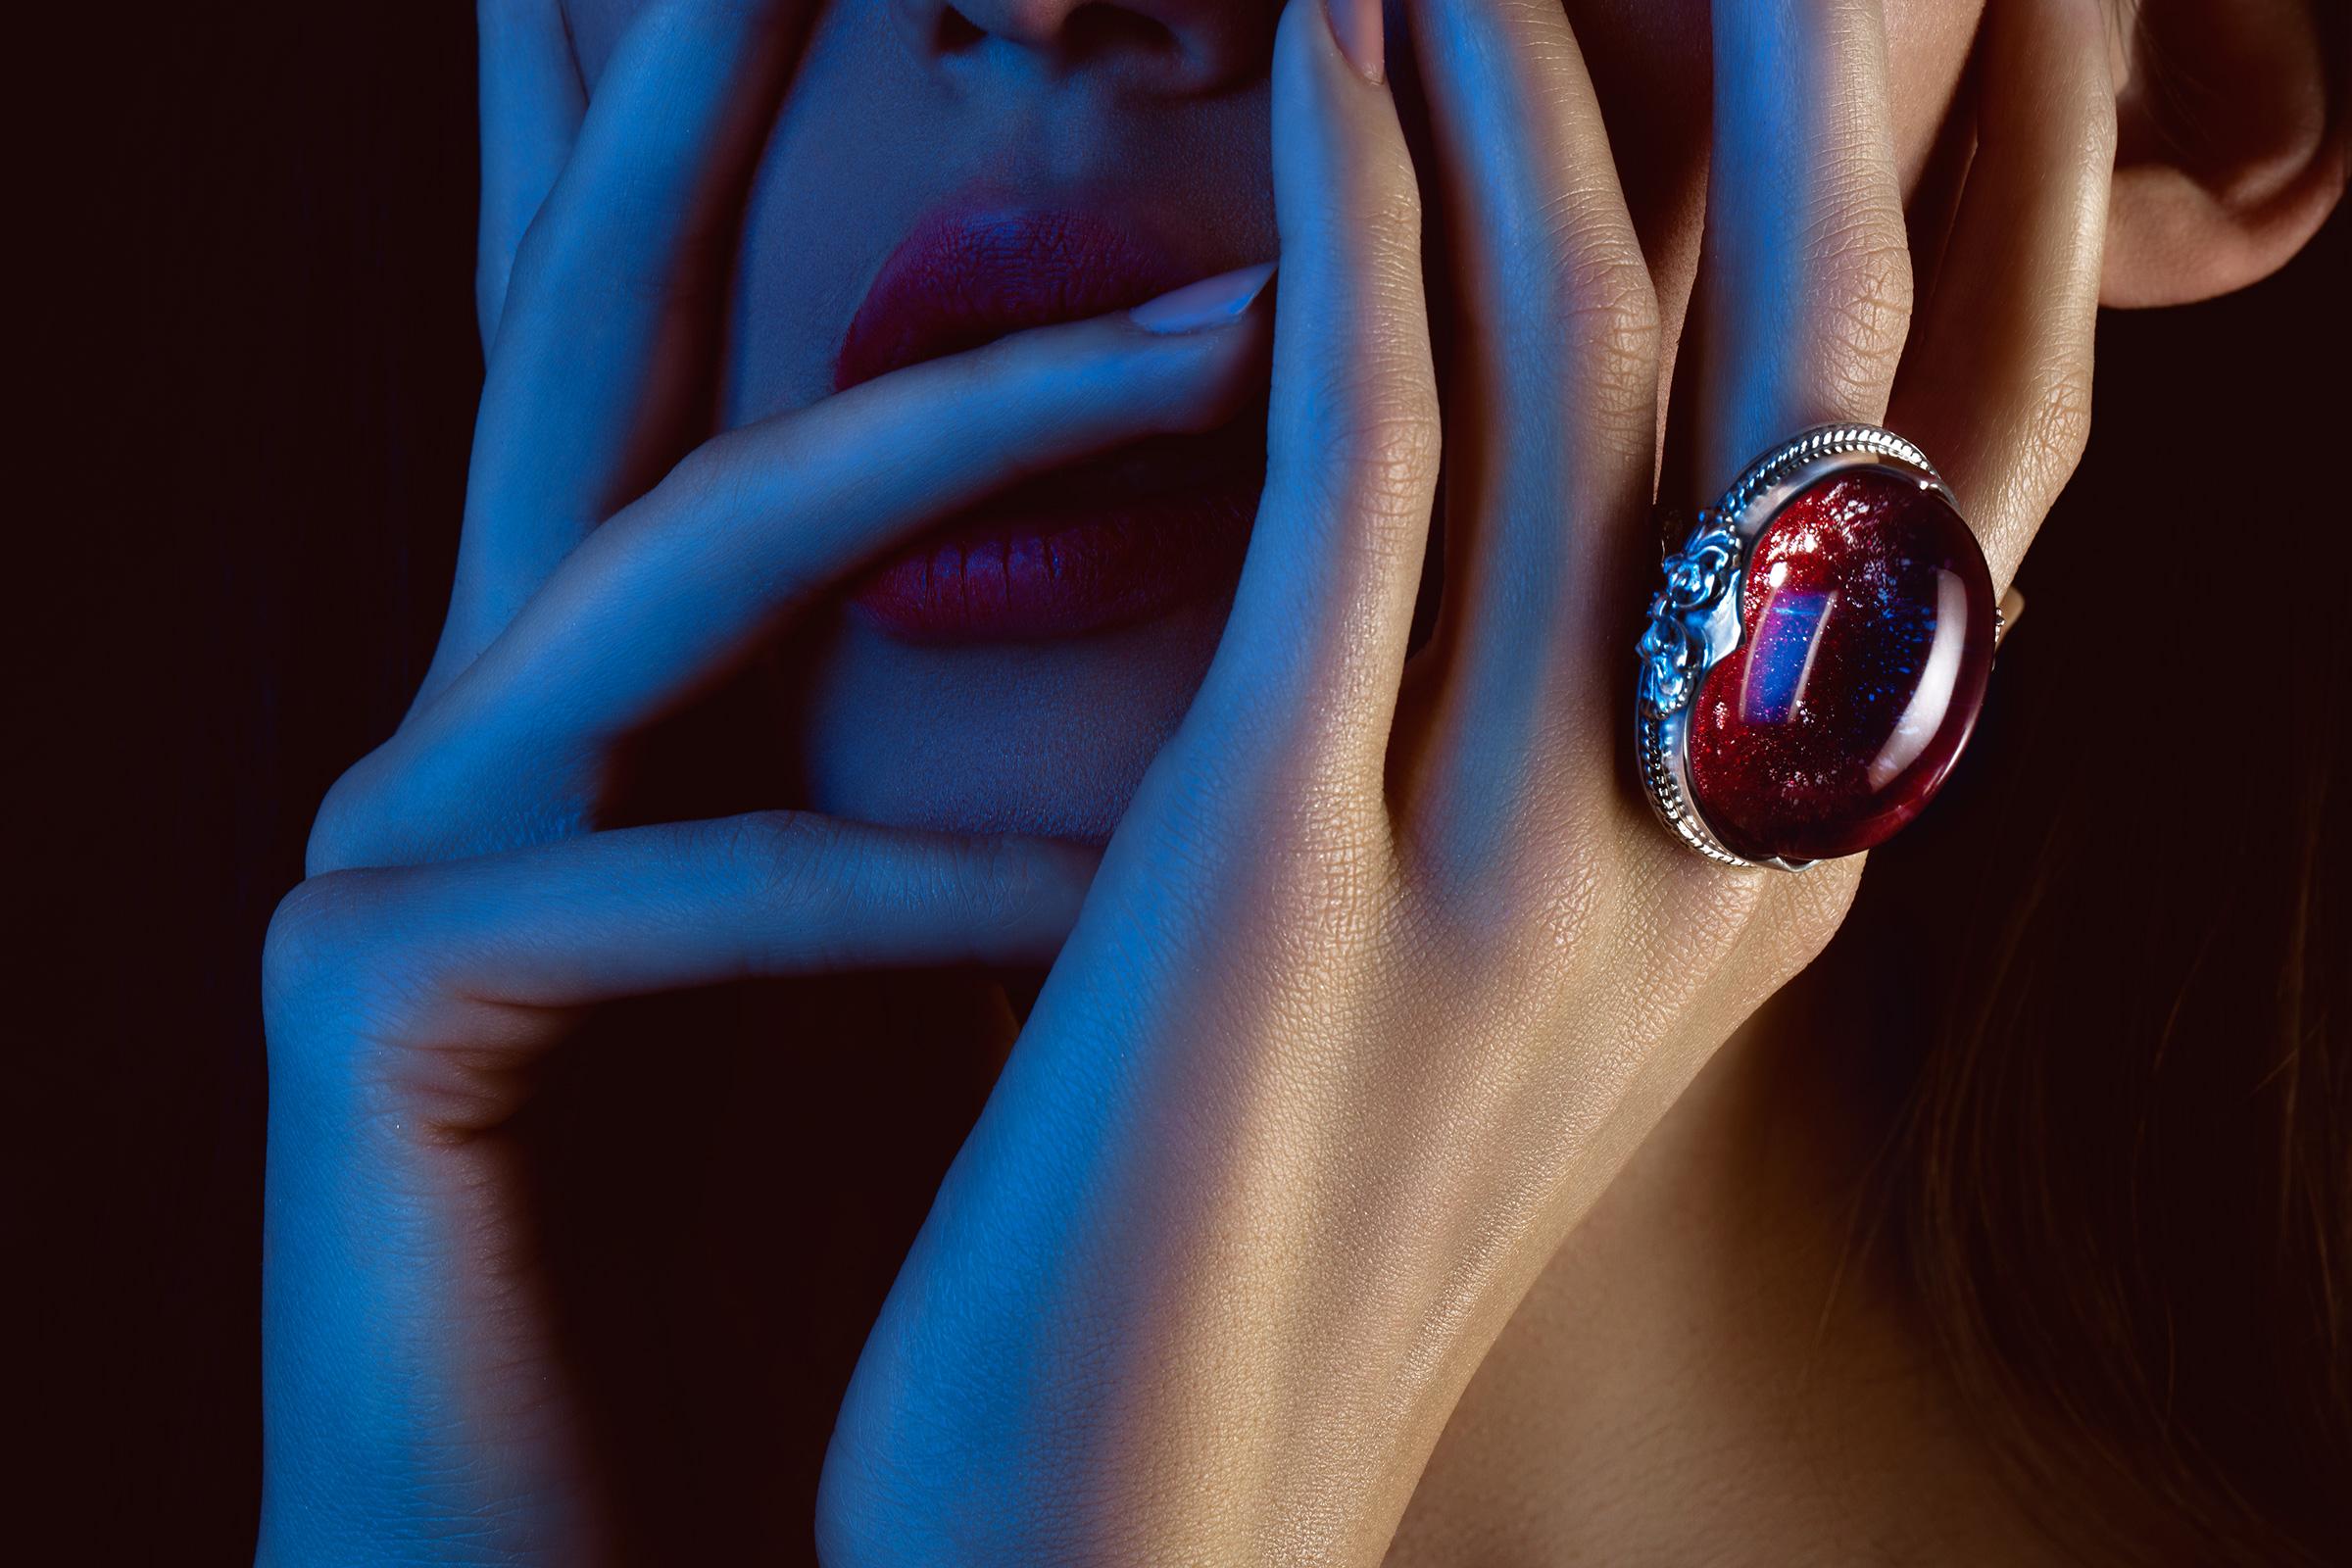 stefan bourson photographe beauté bijoux mains et publicité